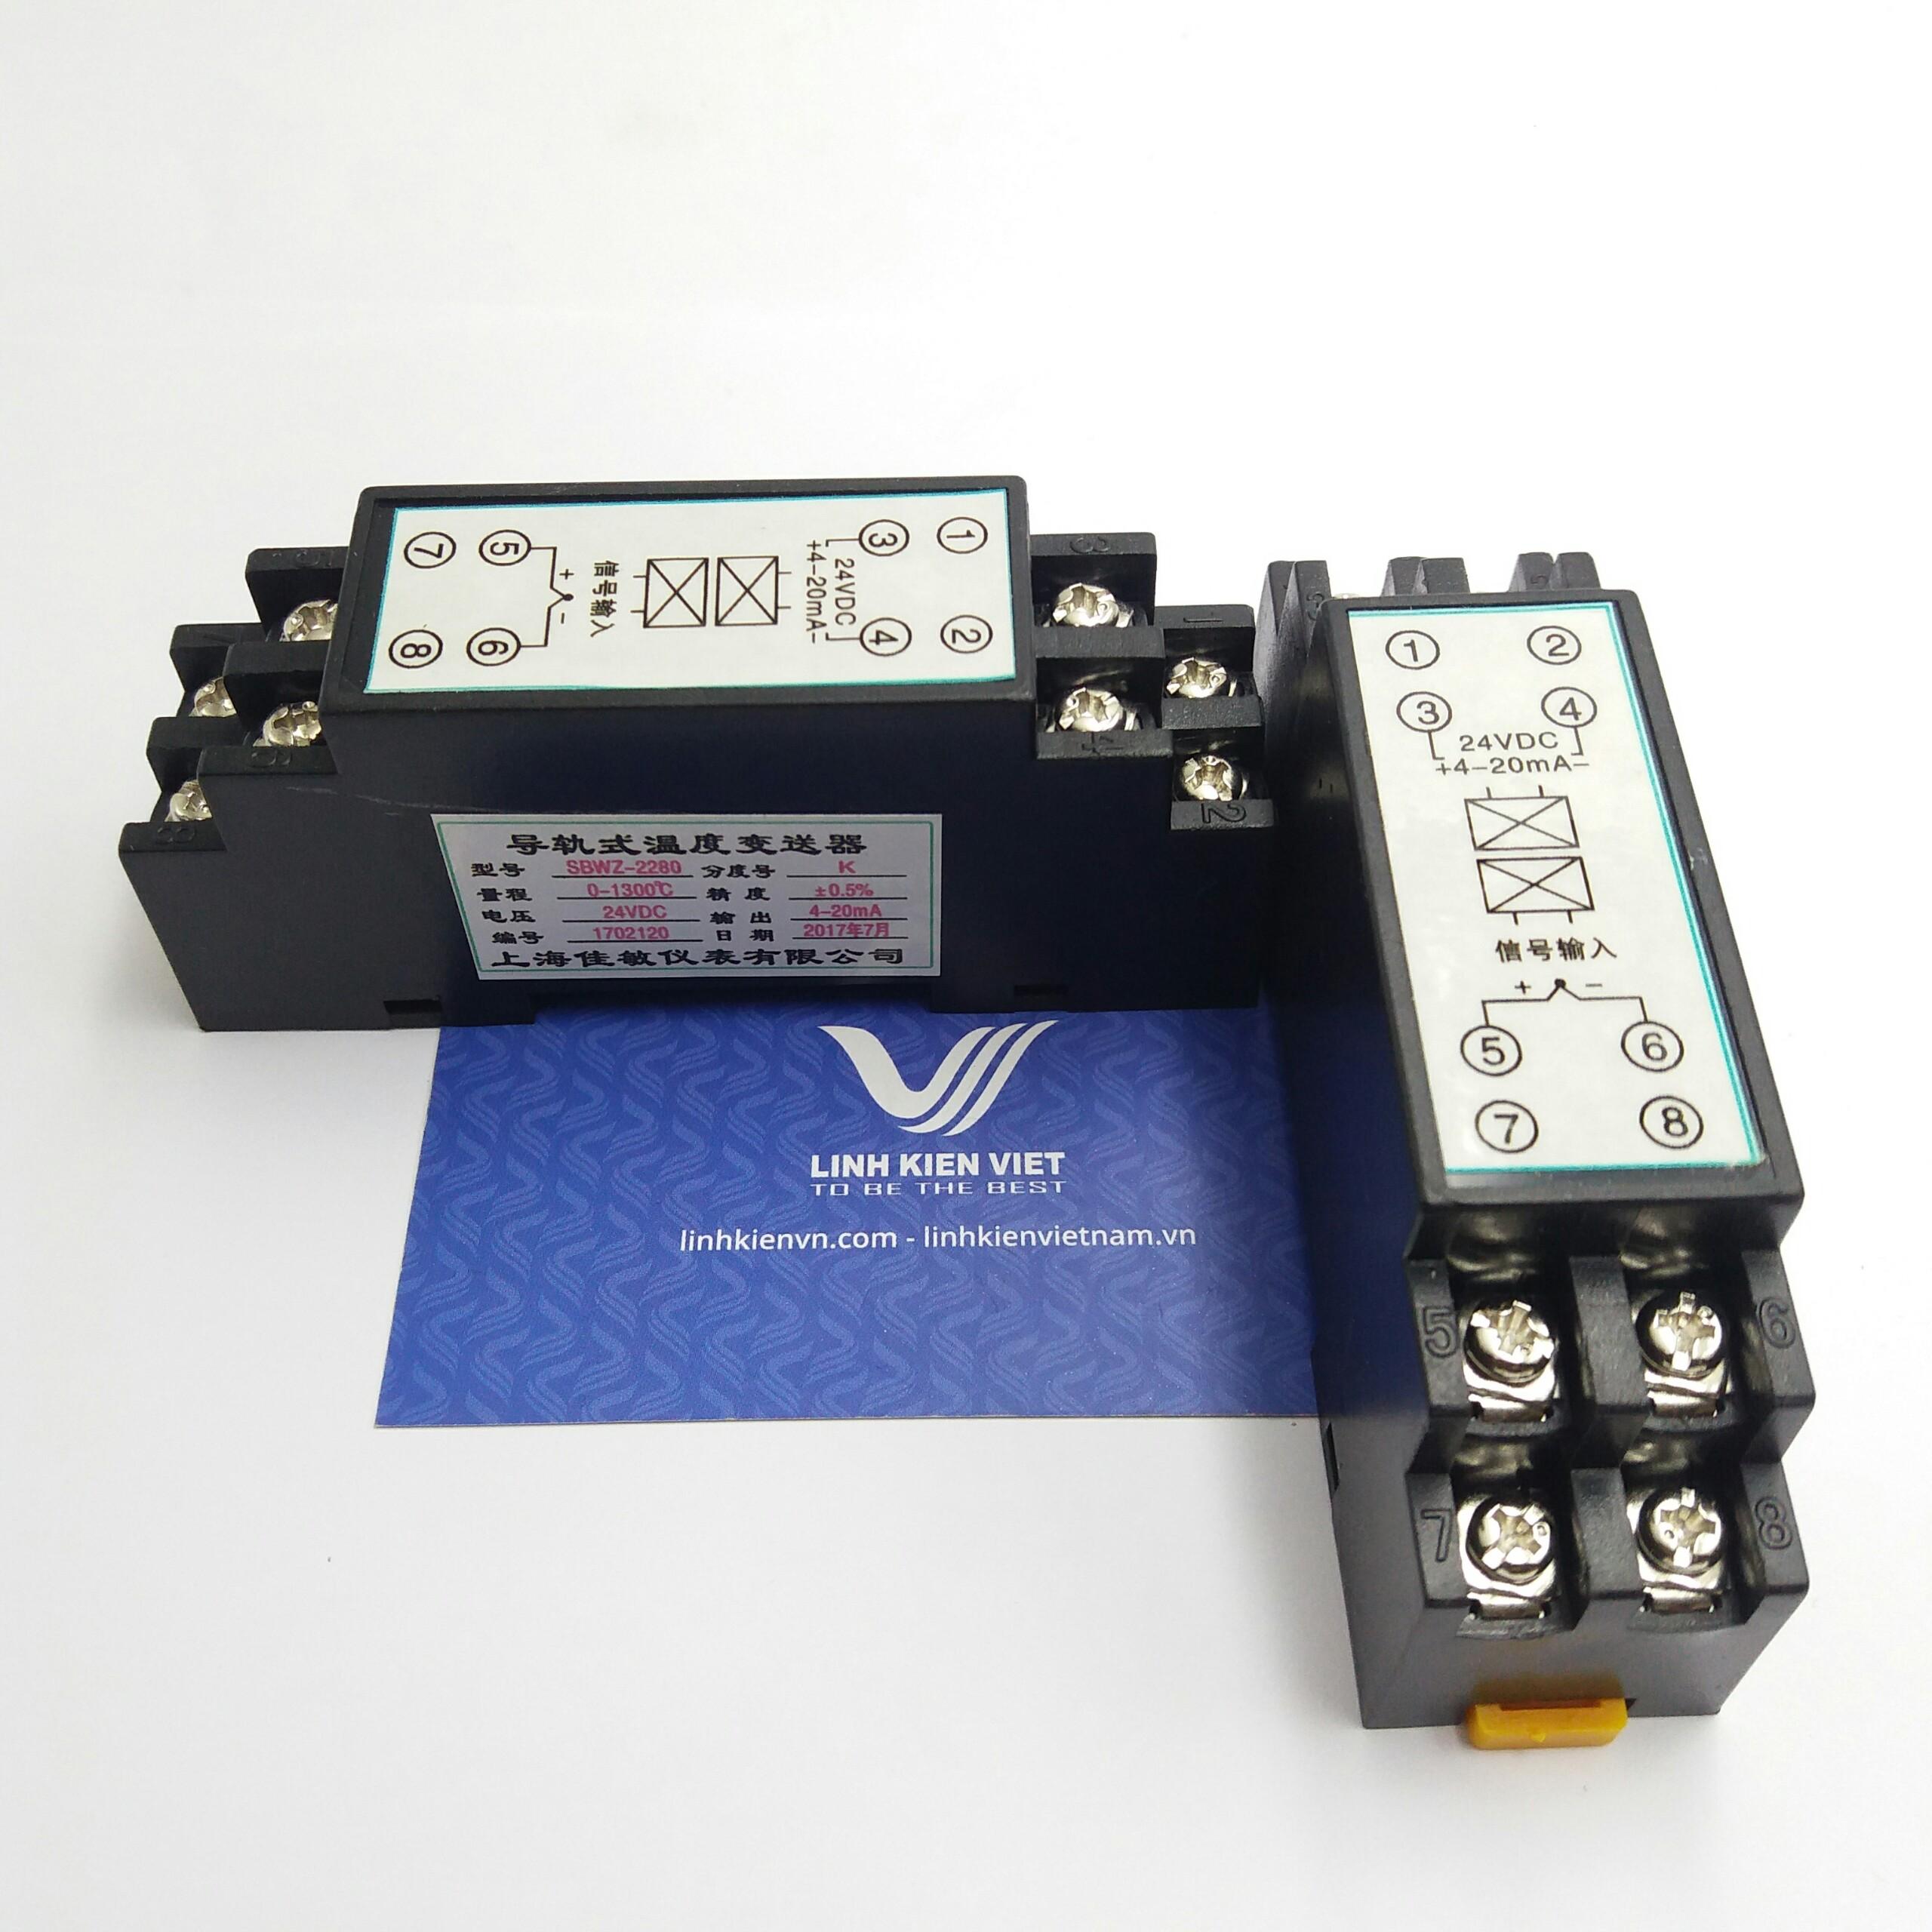 Bộ chuyển đổi nhiệt độ K 4-20mA / 0-1300 độ/ 24VDC - i7H17